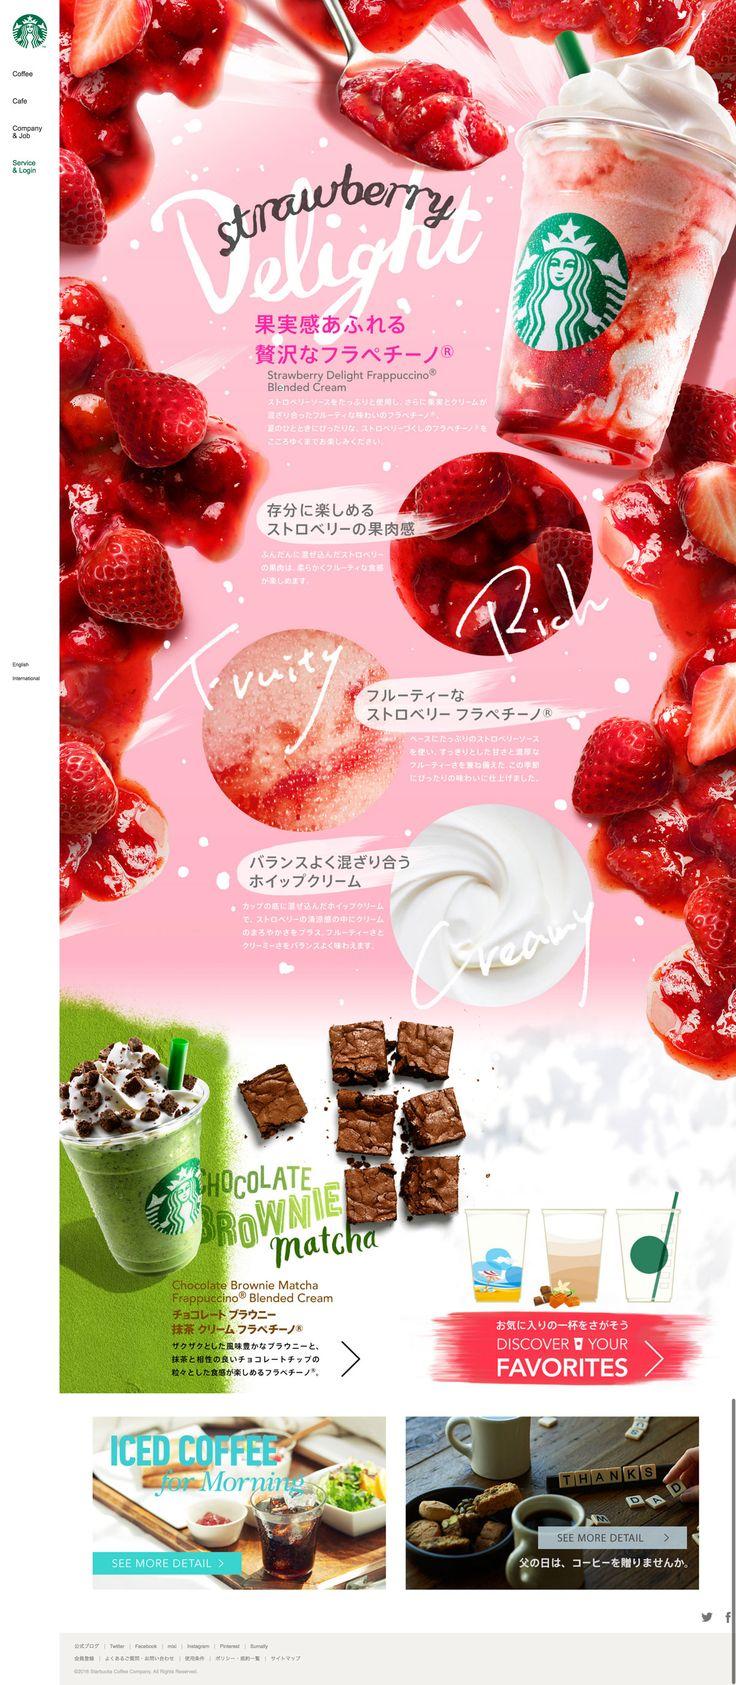 デスクトップ用 Starbucks Coffee - strawberry delight 果実感あふれる贅沢なフラペチーノ